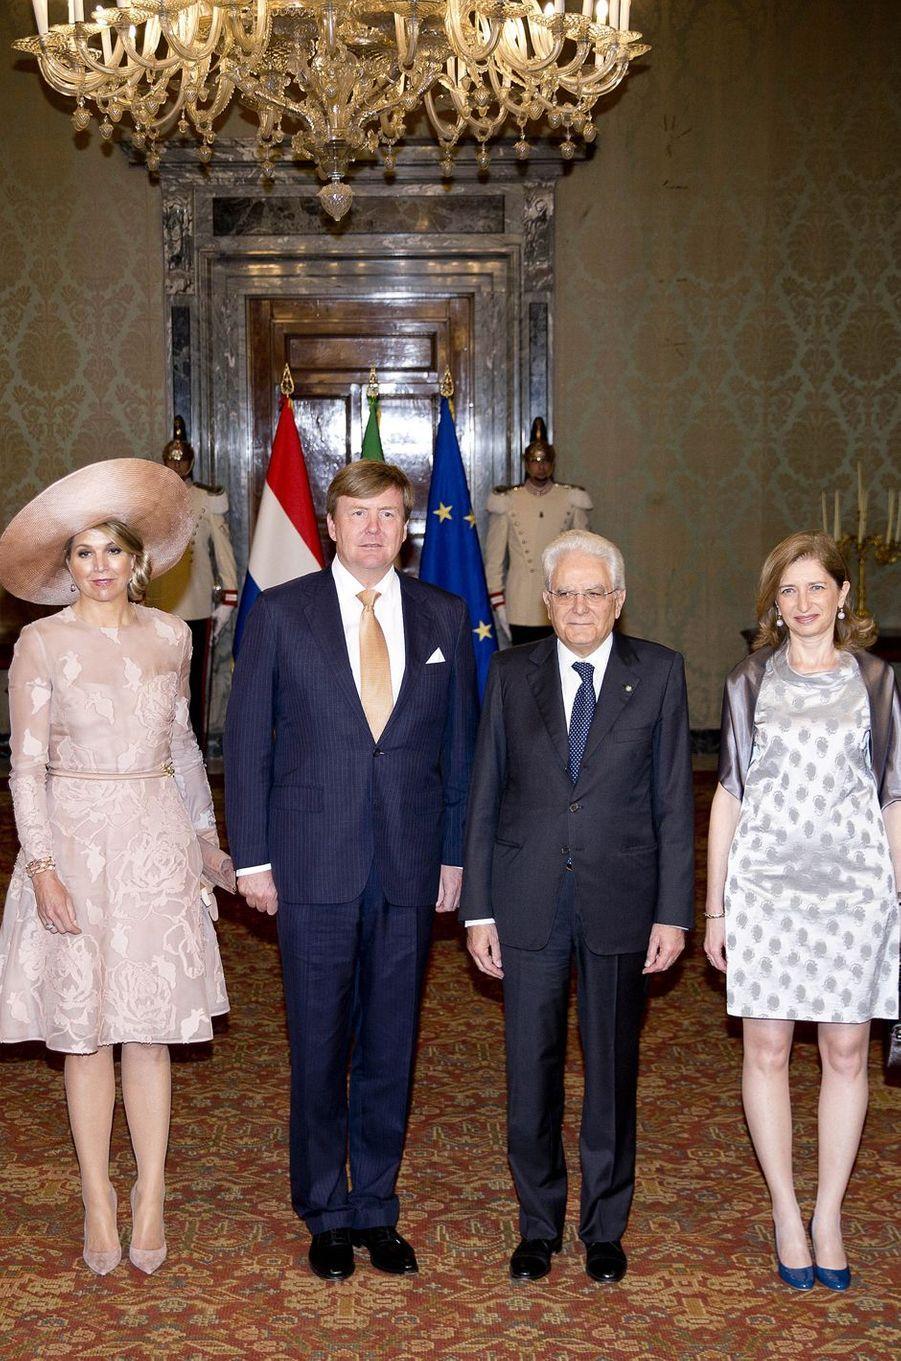 La reine Maxima et le roi Willem-Alexander des Pays-Bas avec le président italien Sergio Mattarella et sa fille Laura à Rome, le 20 juin 2017